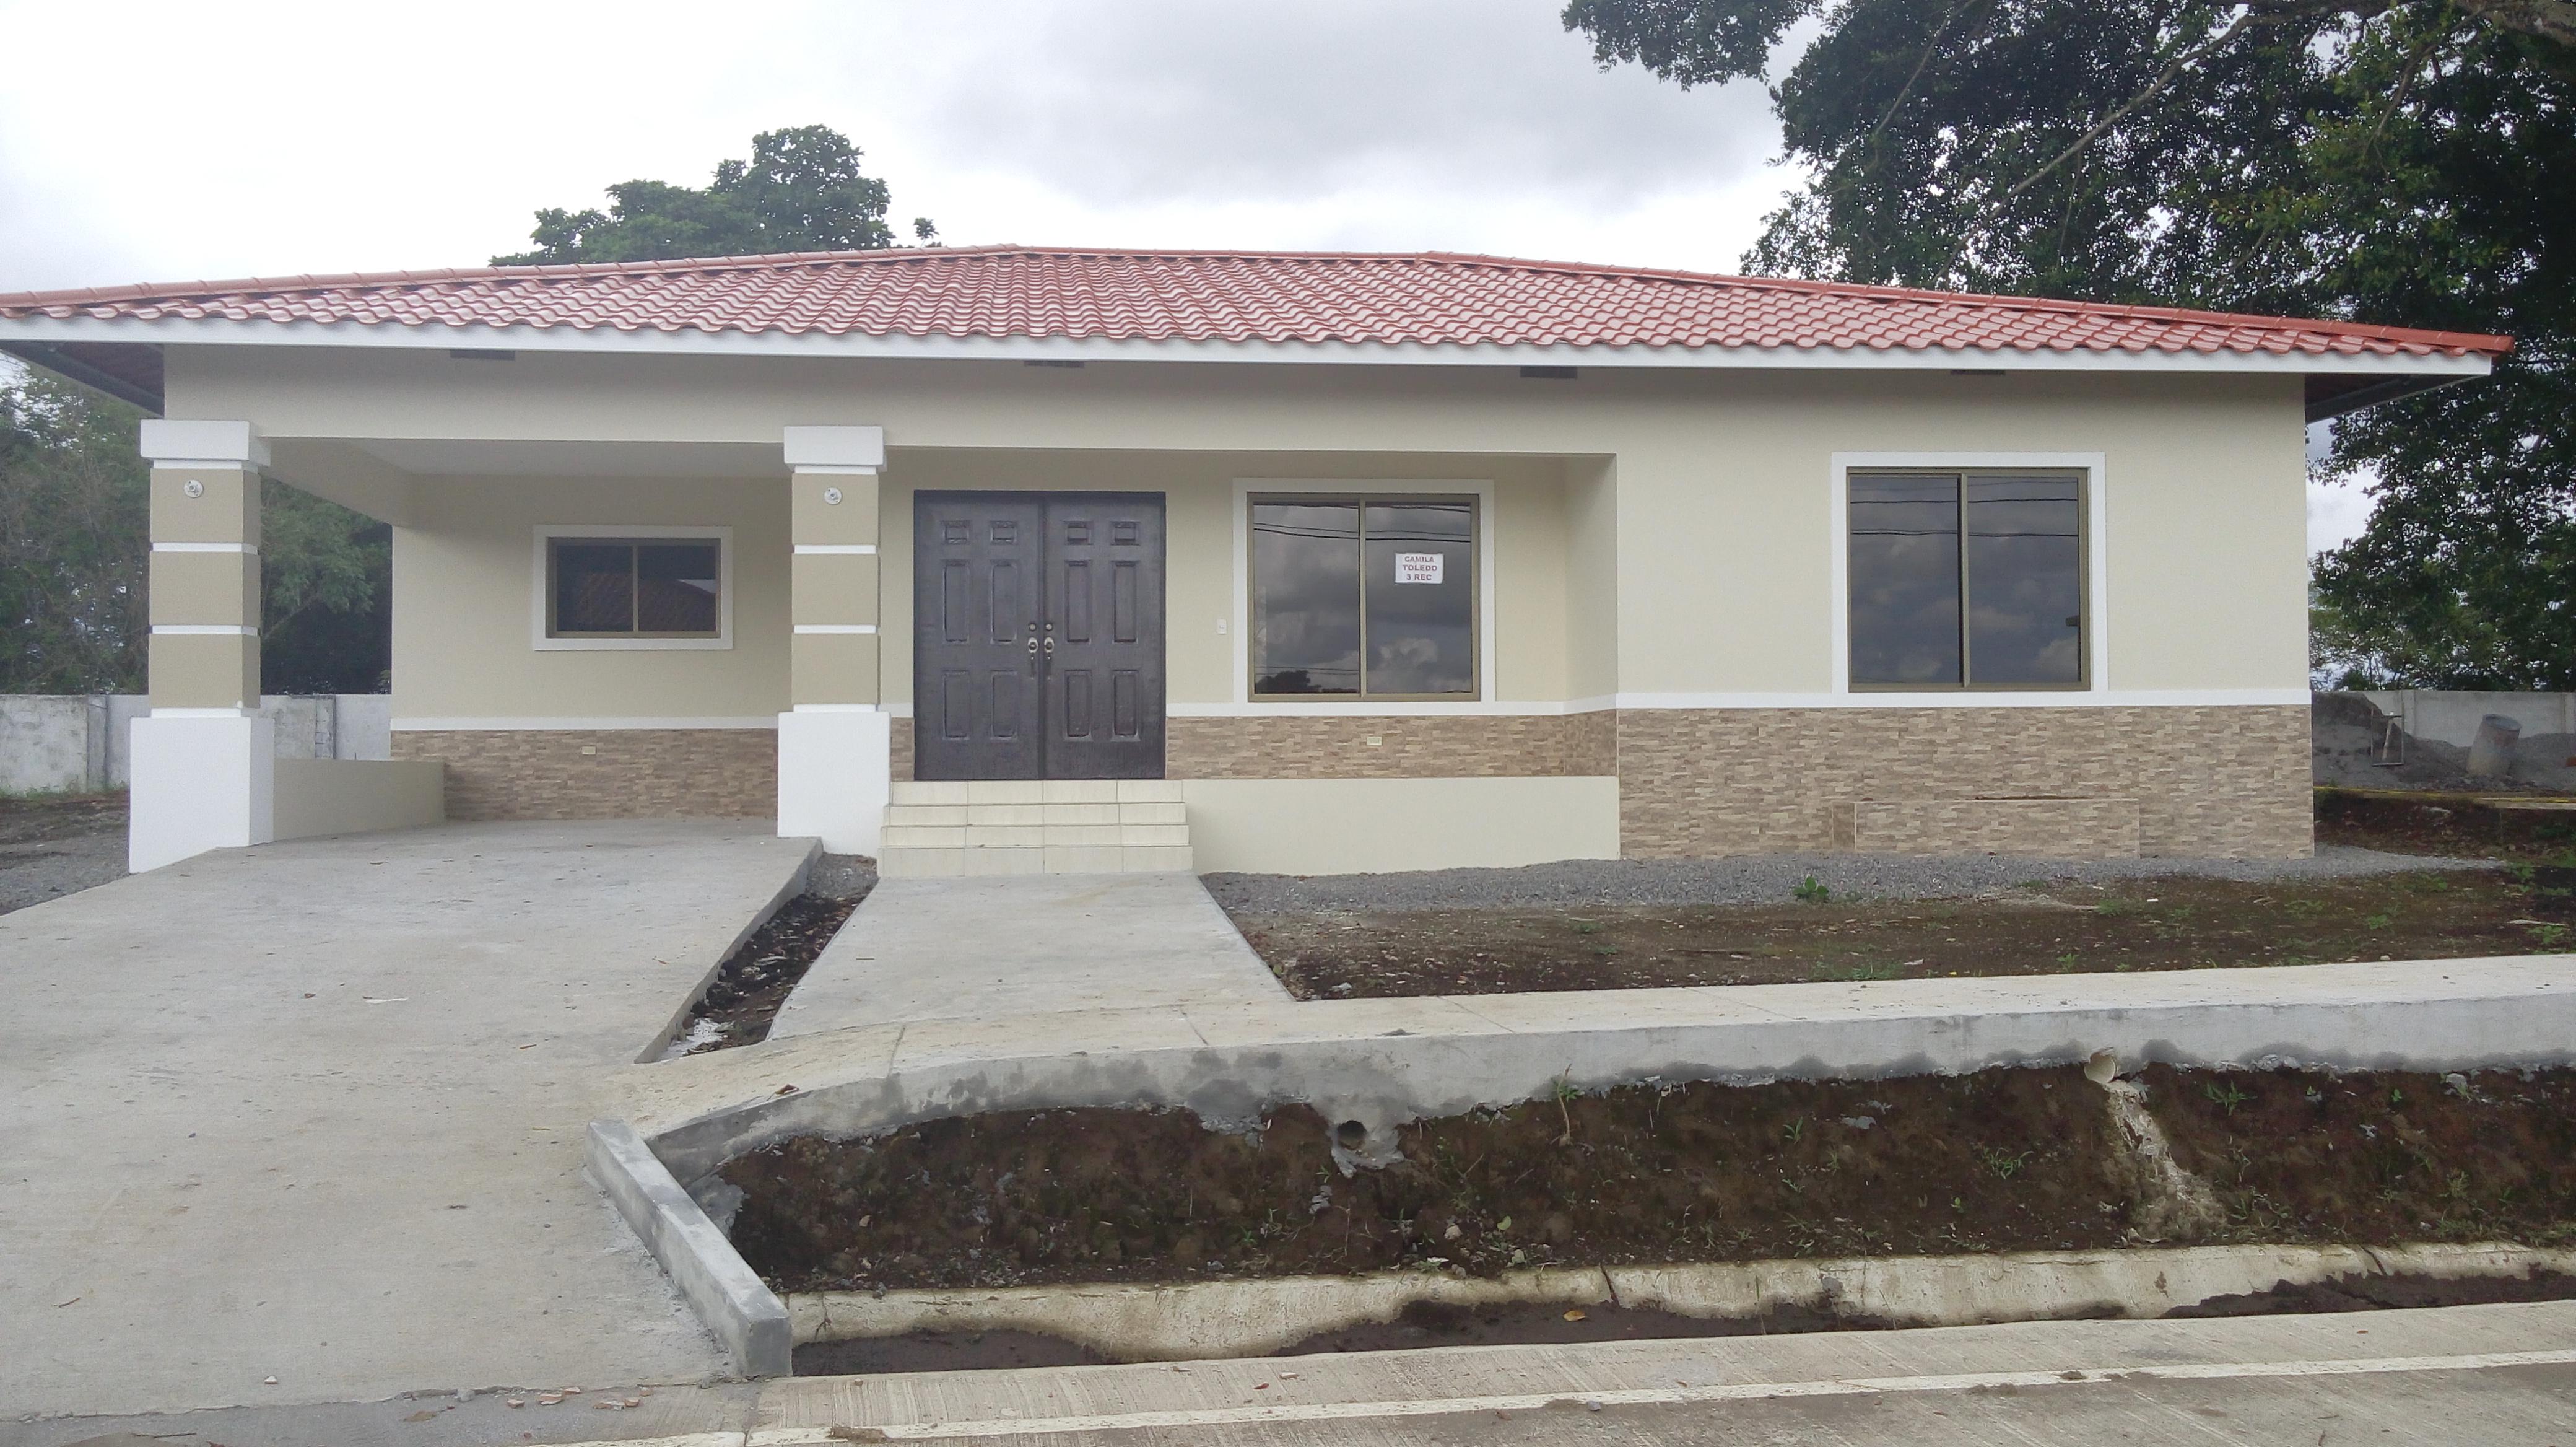 Villa Patricia David Casas Inmopanama